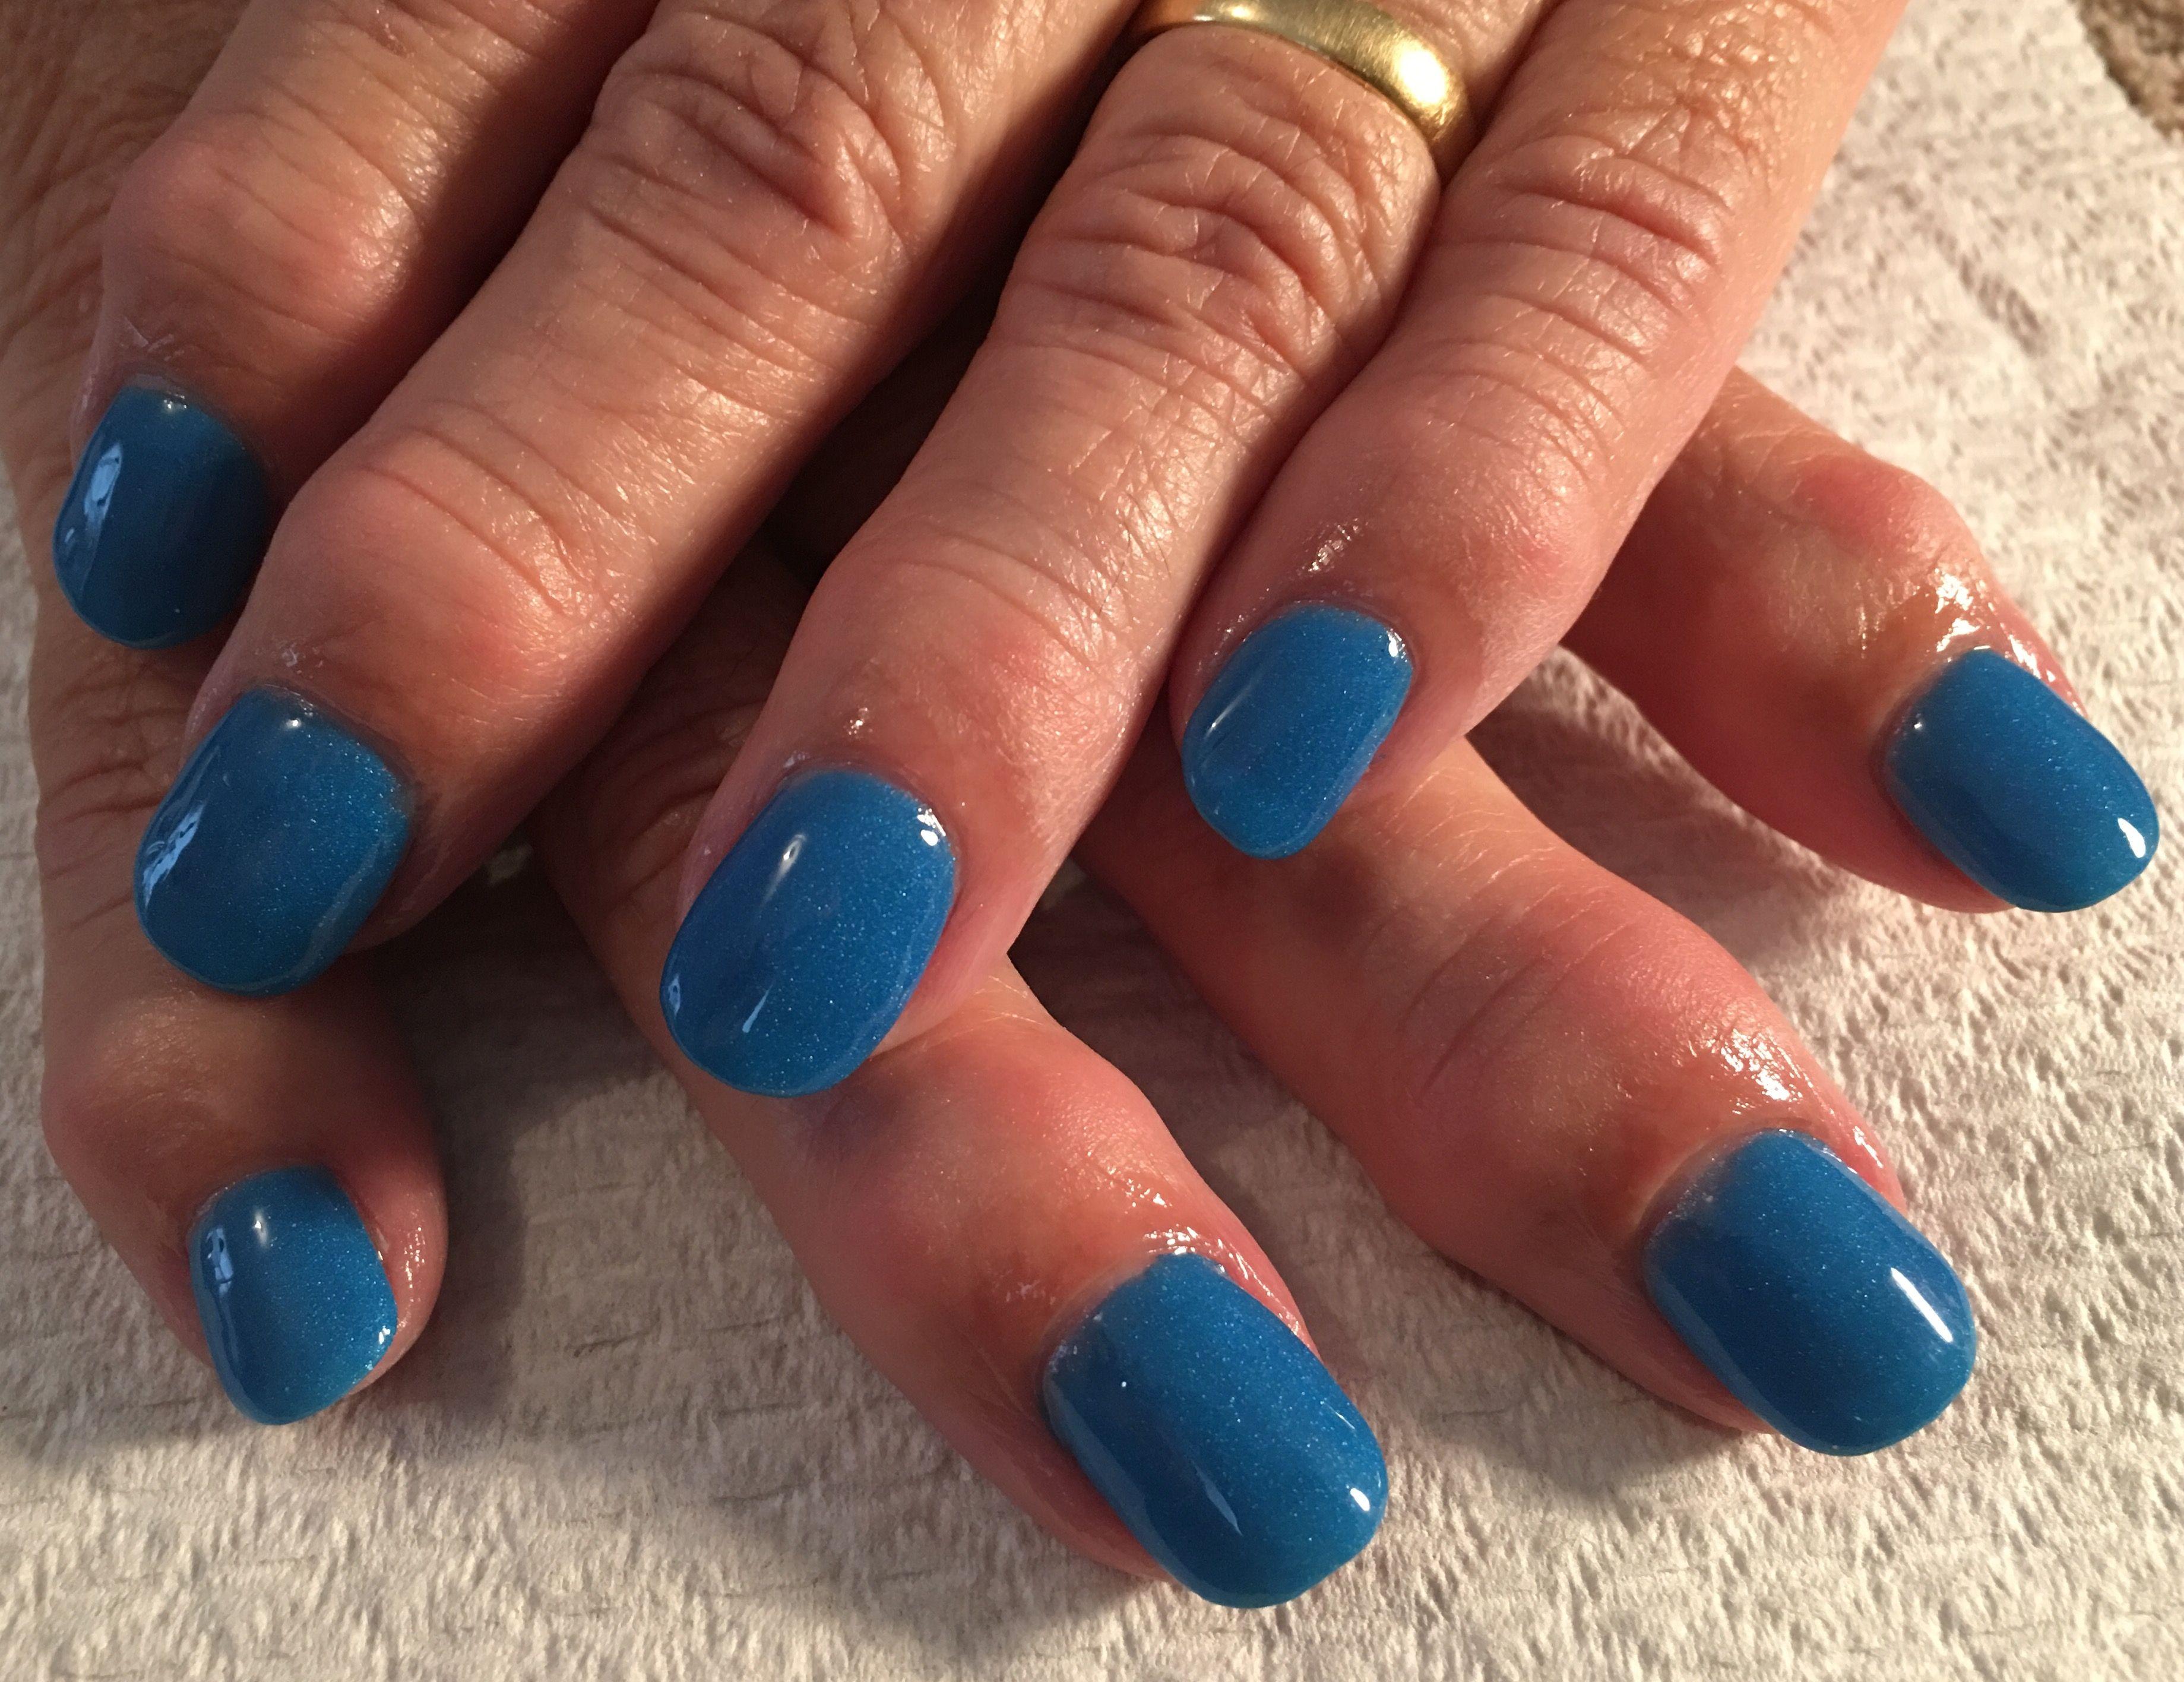 Beautiful shade of blue SNS over natural nail. | Nails | Pinterest ...